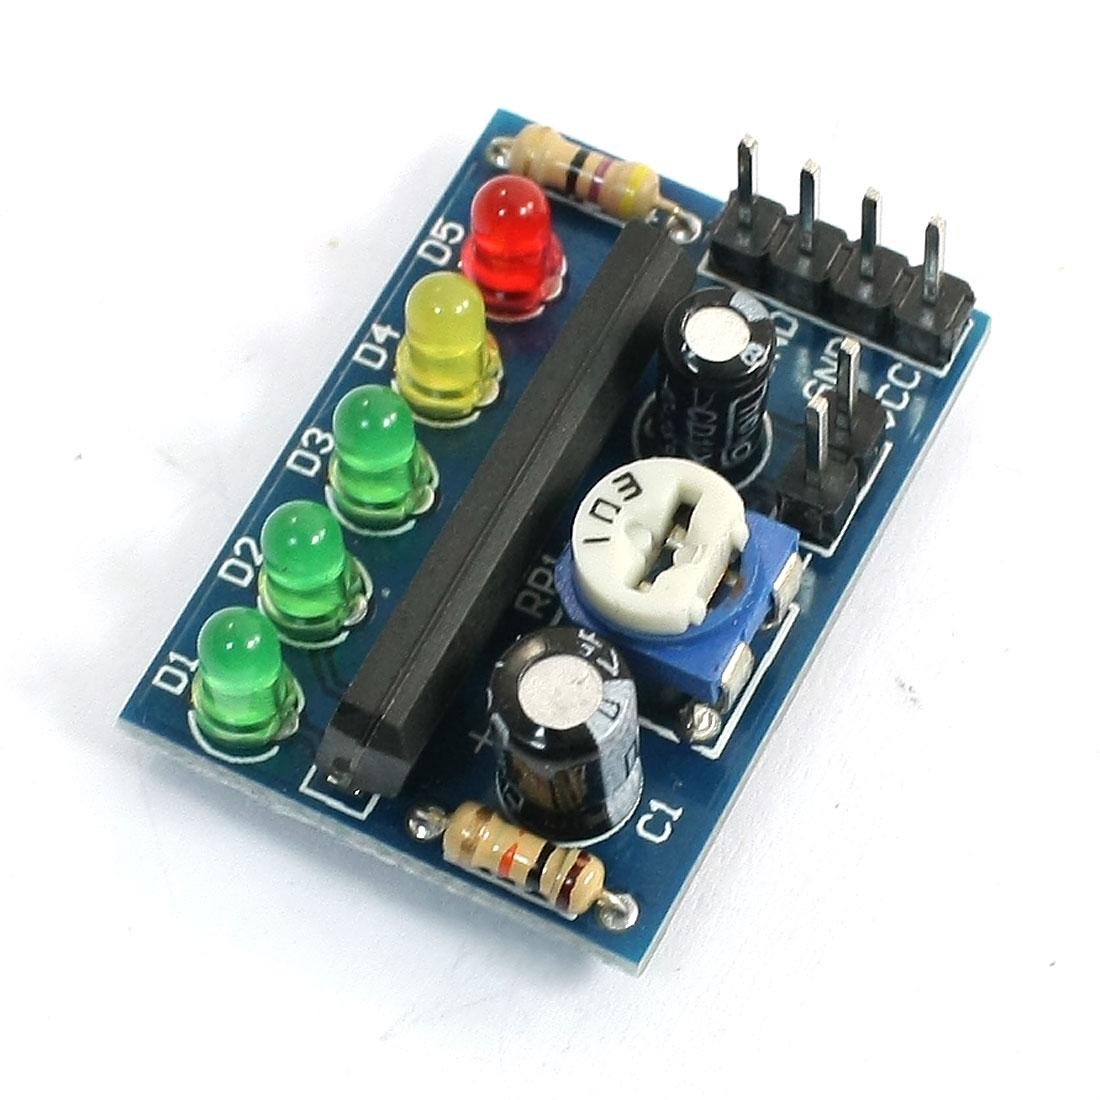 KA2284 Audio Power Level Indicator Indicating Module Board 3.5V-12V